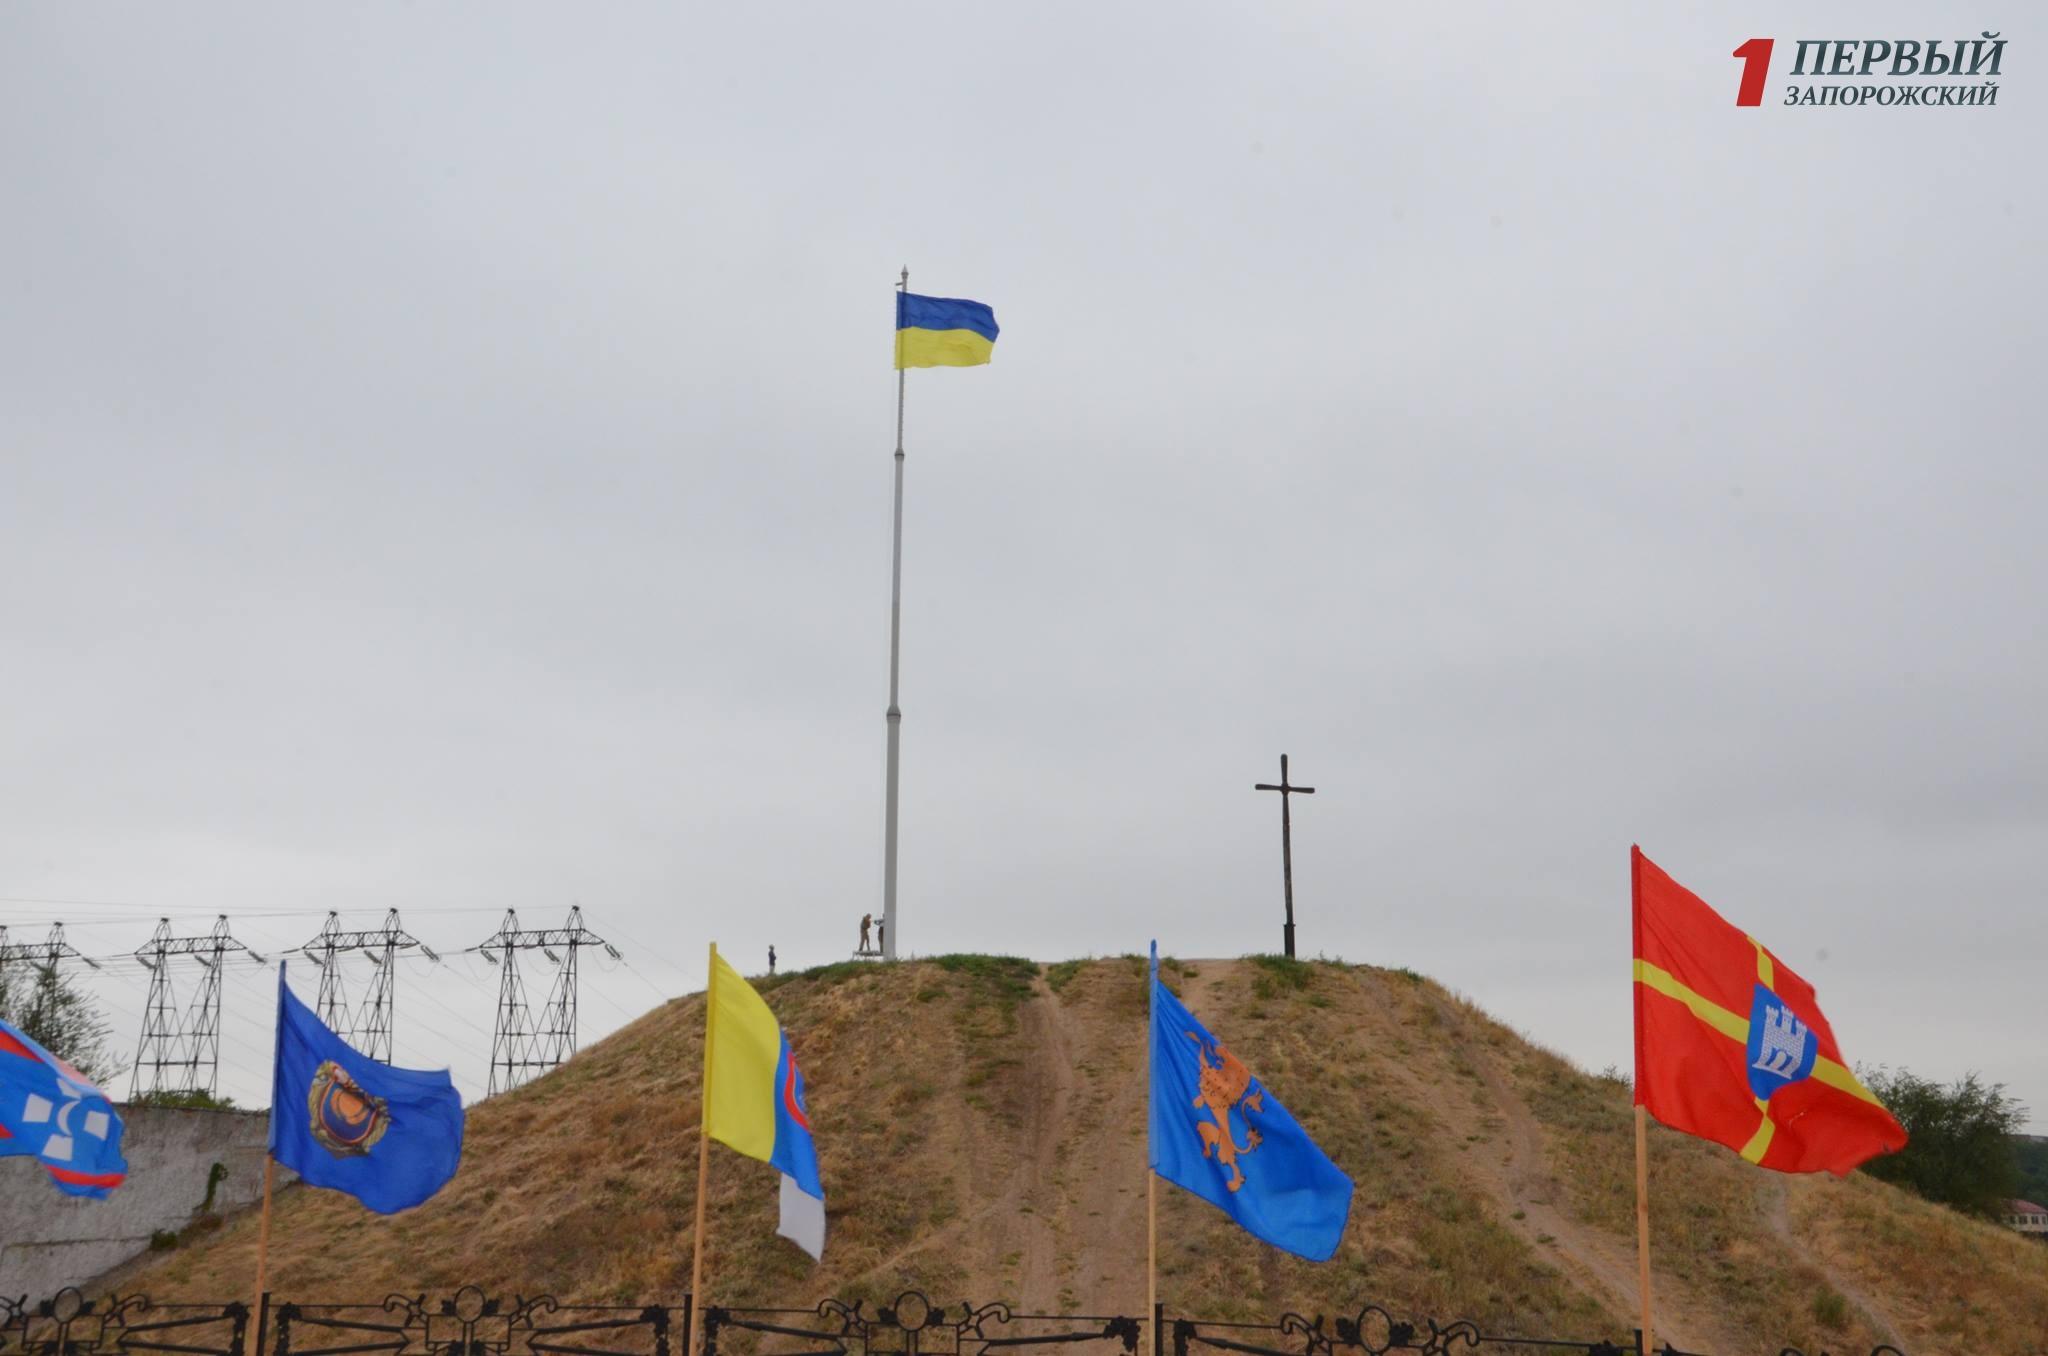 Генеральный прокурор вЗапорожье наглавном празднике страны: «Мыпобедим!»